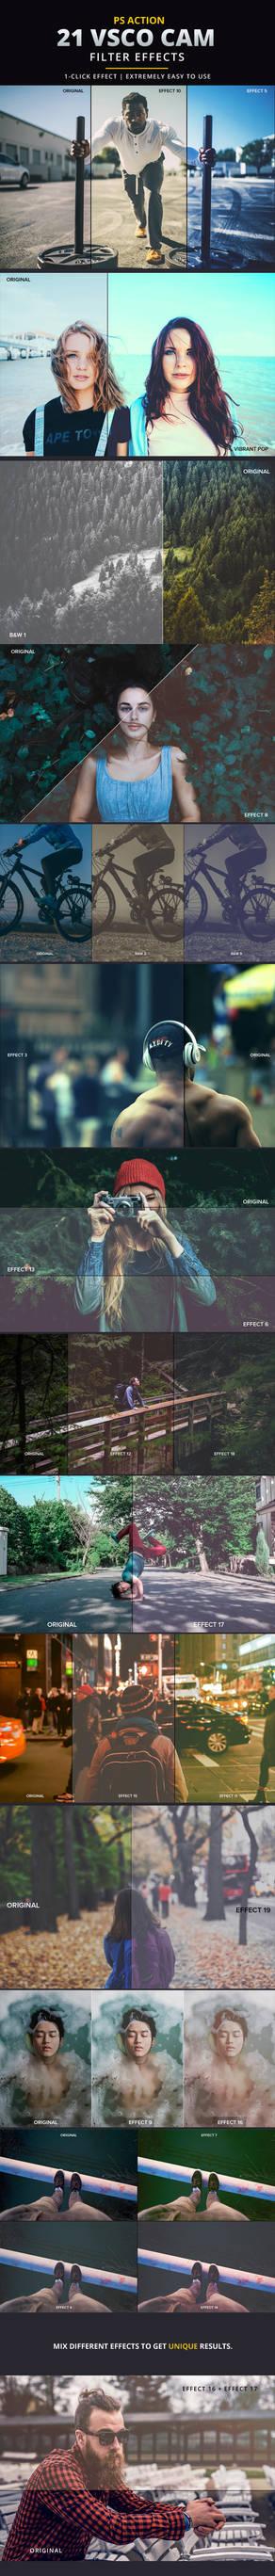 Vsco Cam Filter Effects